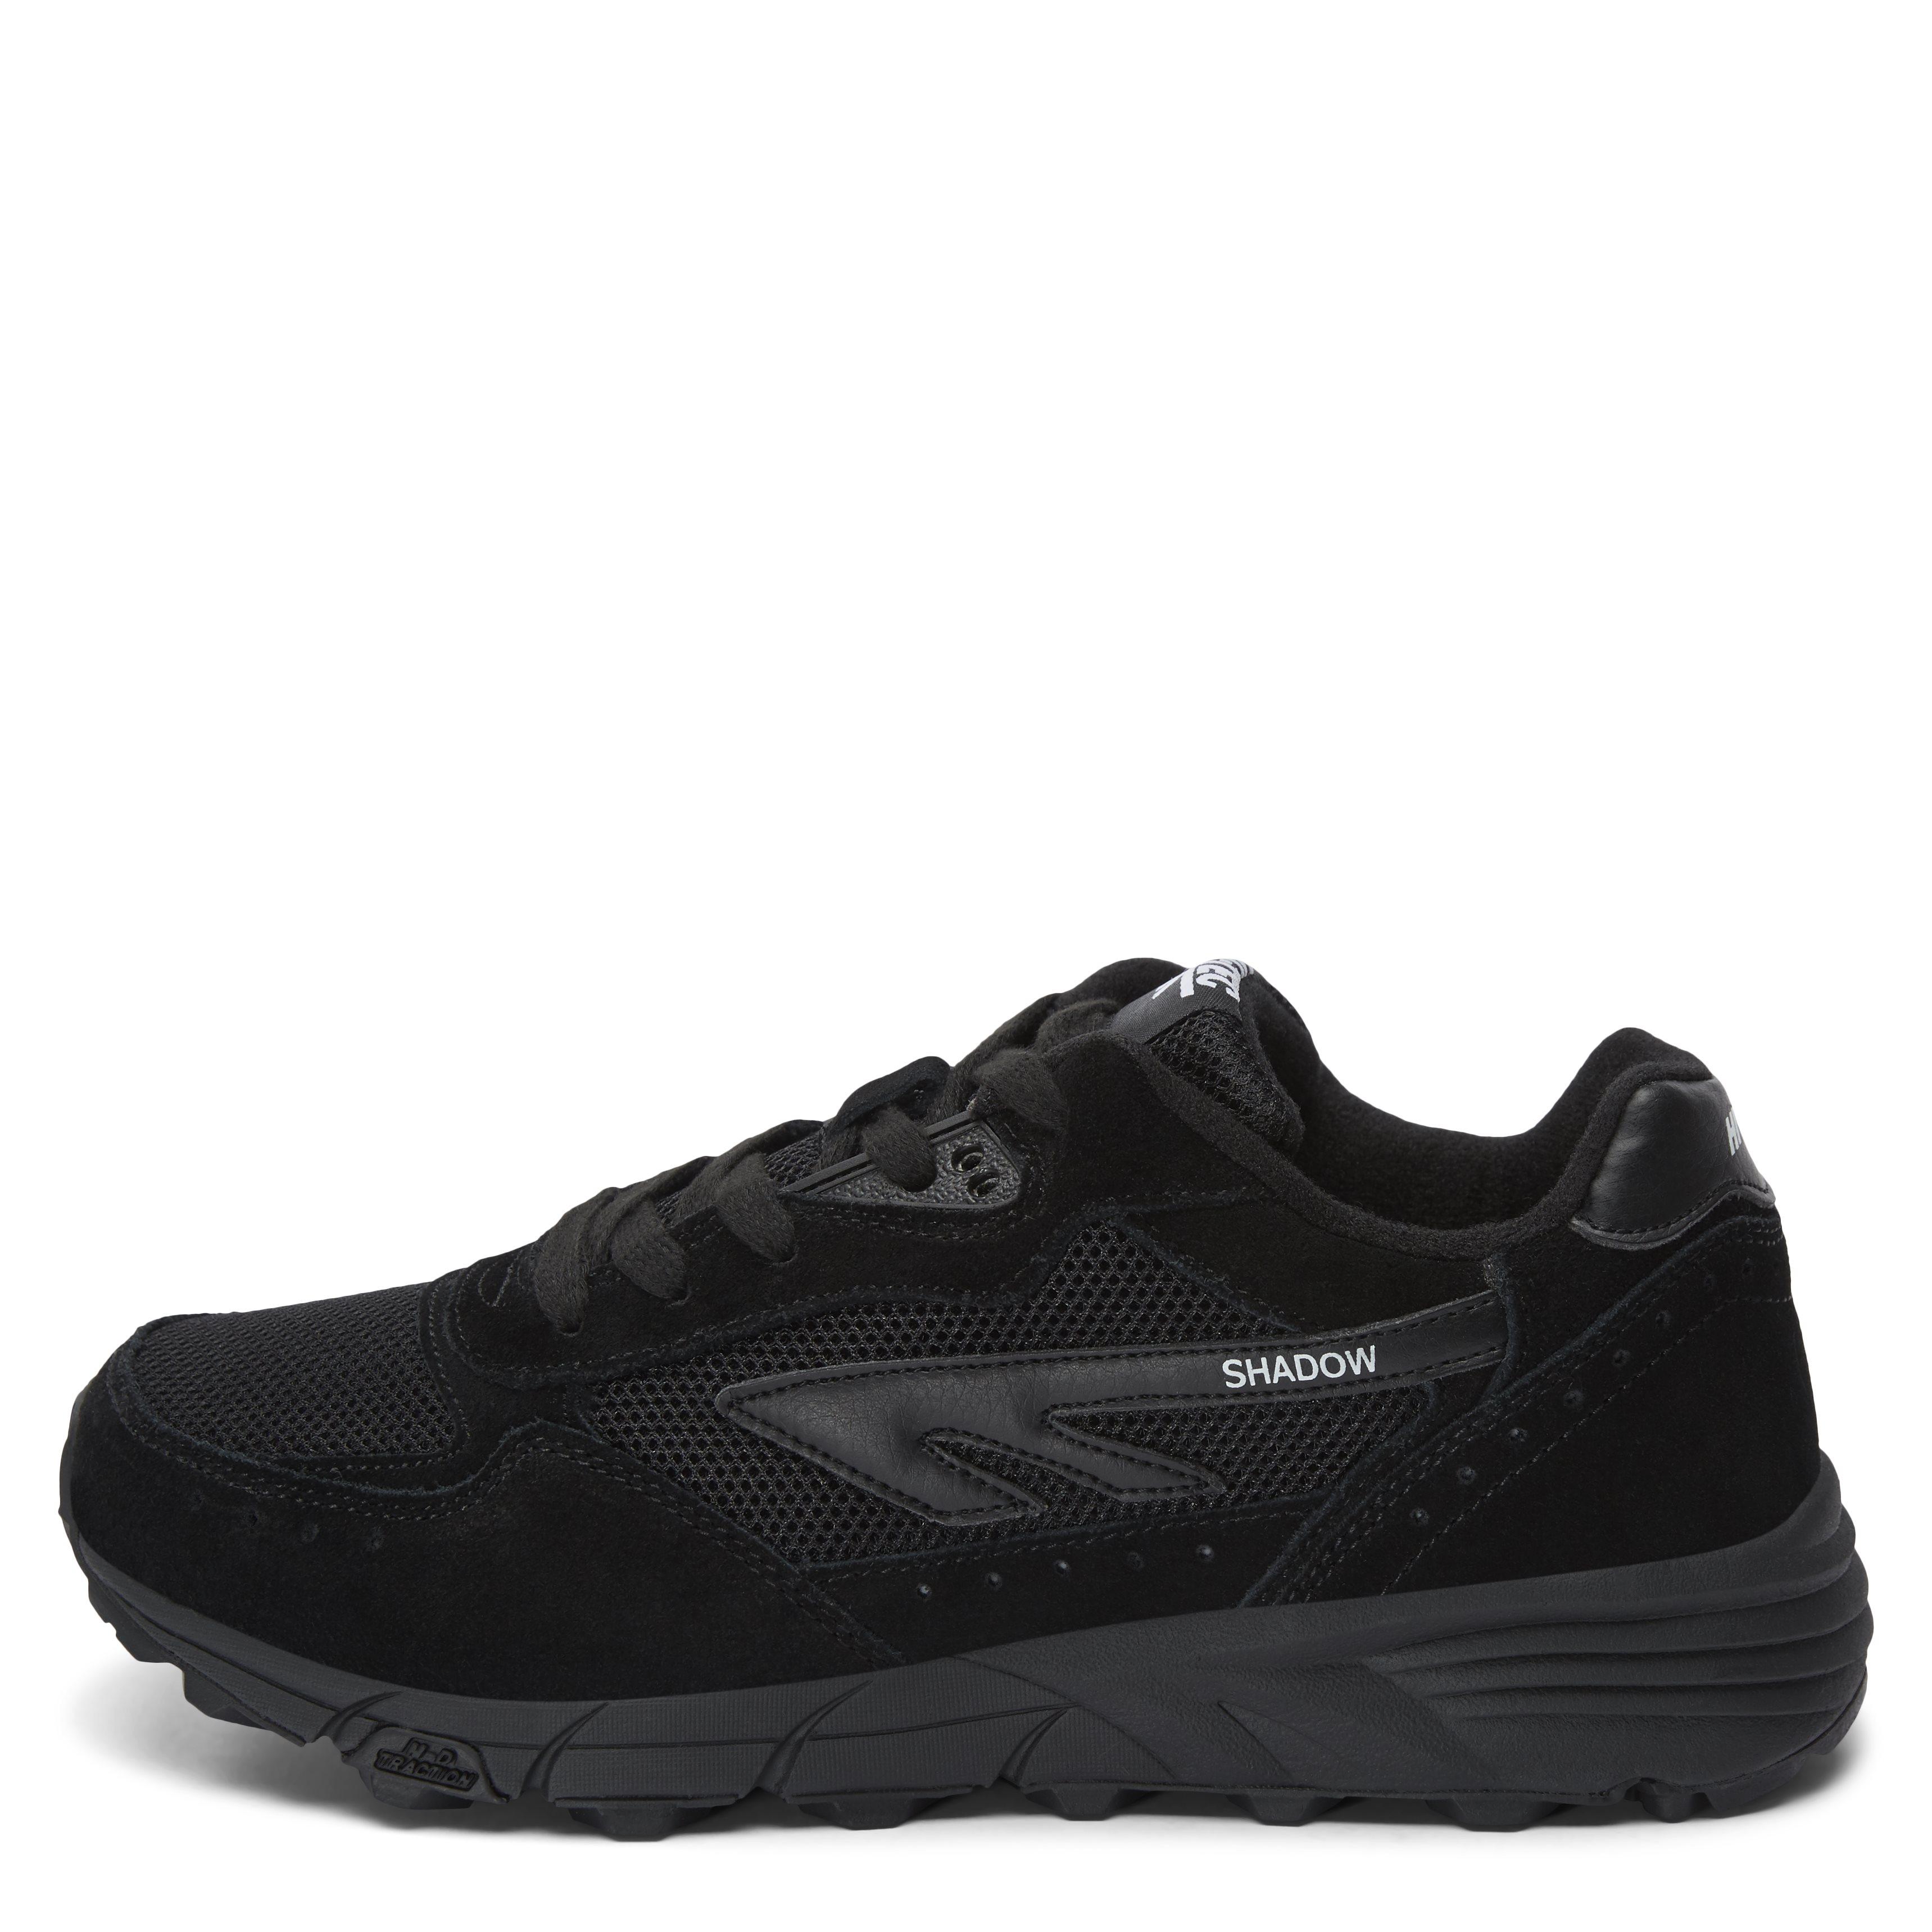 Shoes - Black